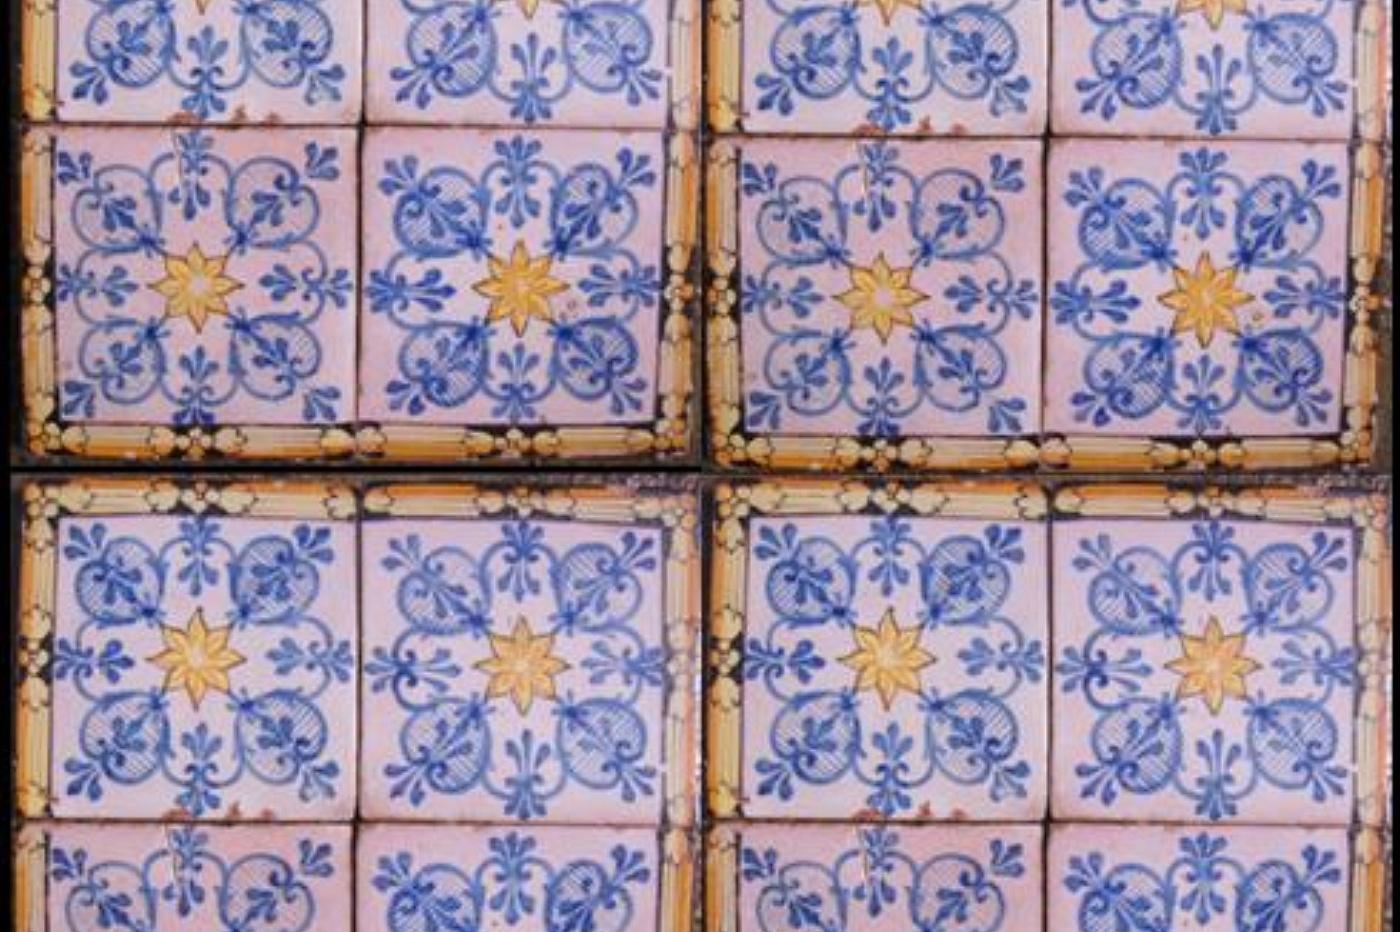 Mattonelle antiche napoletane finest mattonelle in - La riggiola piastrelle ...